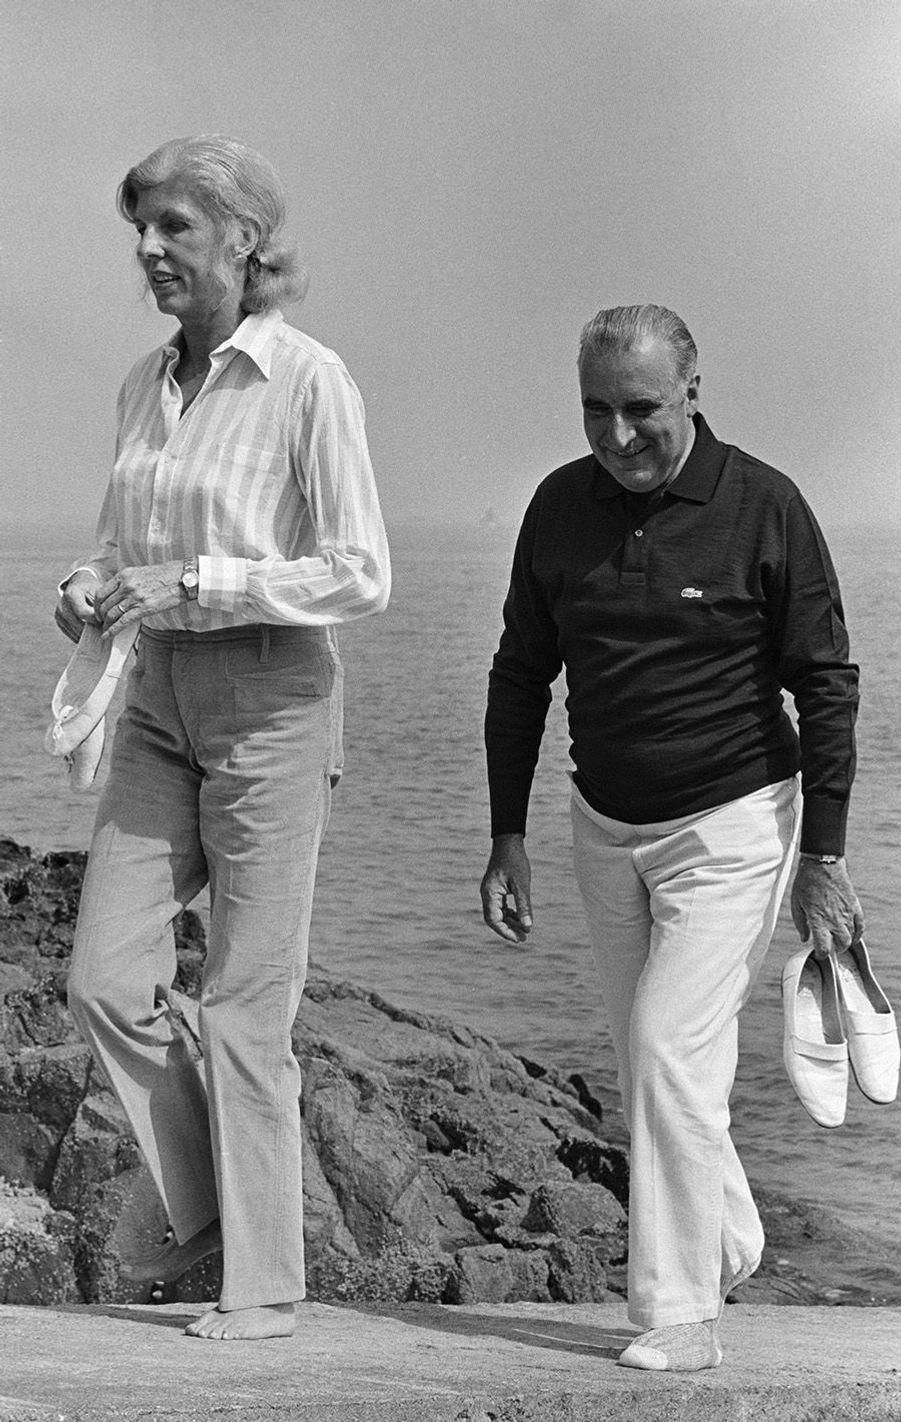 Claude et Georges Pompidou en week-end chez les Bettencourt dans l'Arcouest.